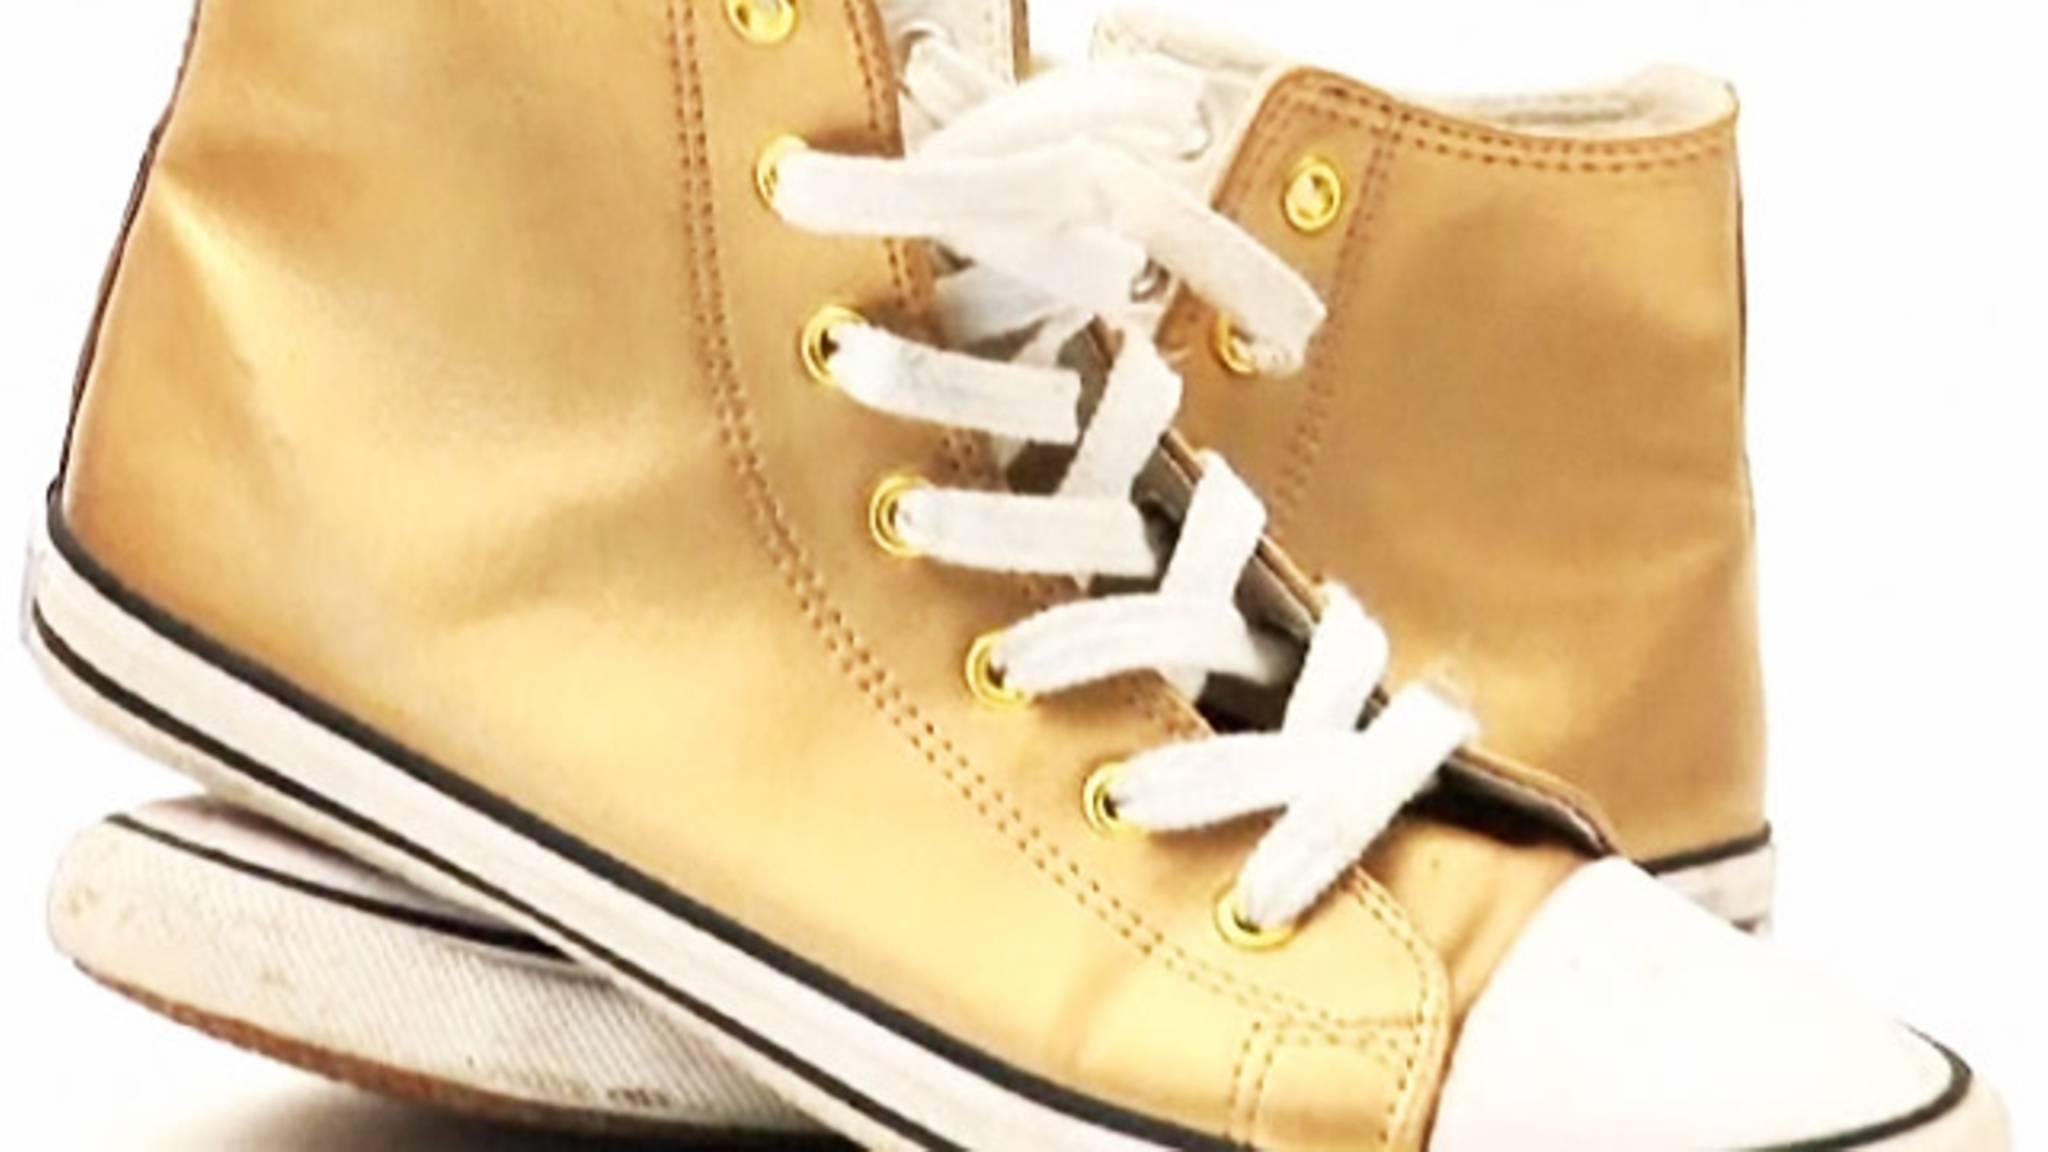 Schuhe putzen: So pflegen Sie Sportschuhe